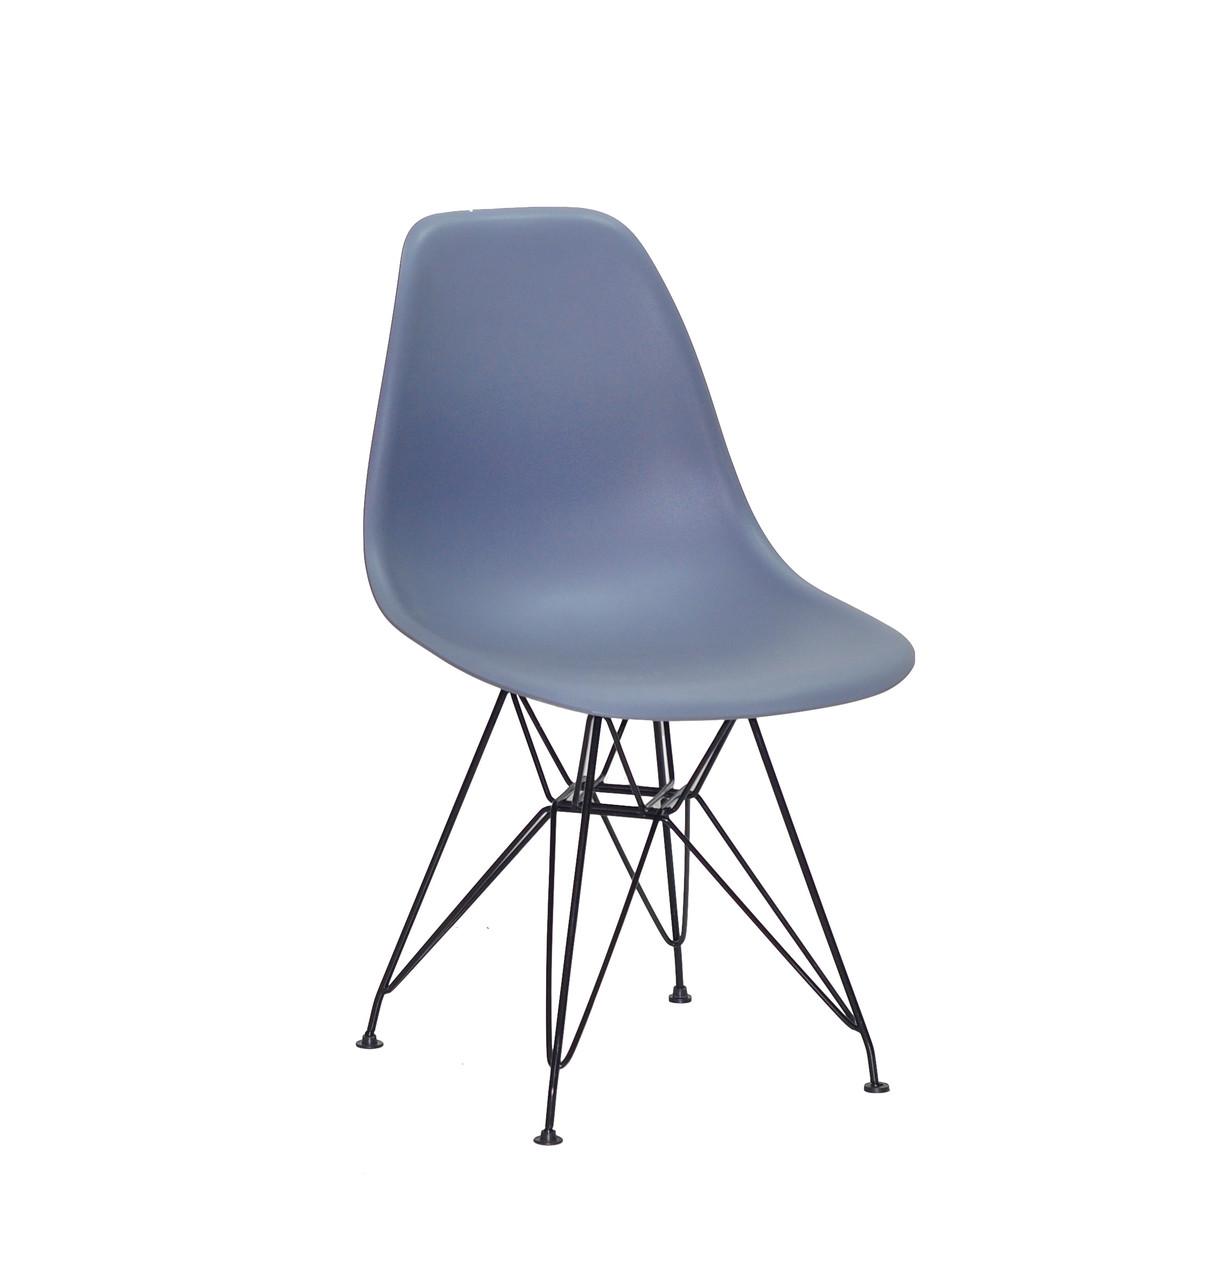 Пластиковый синий стул на черных металлических ножках Nik BK-ML для современных интерьеров